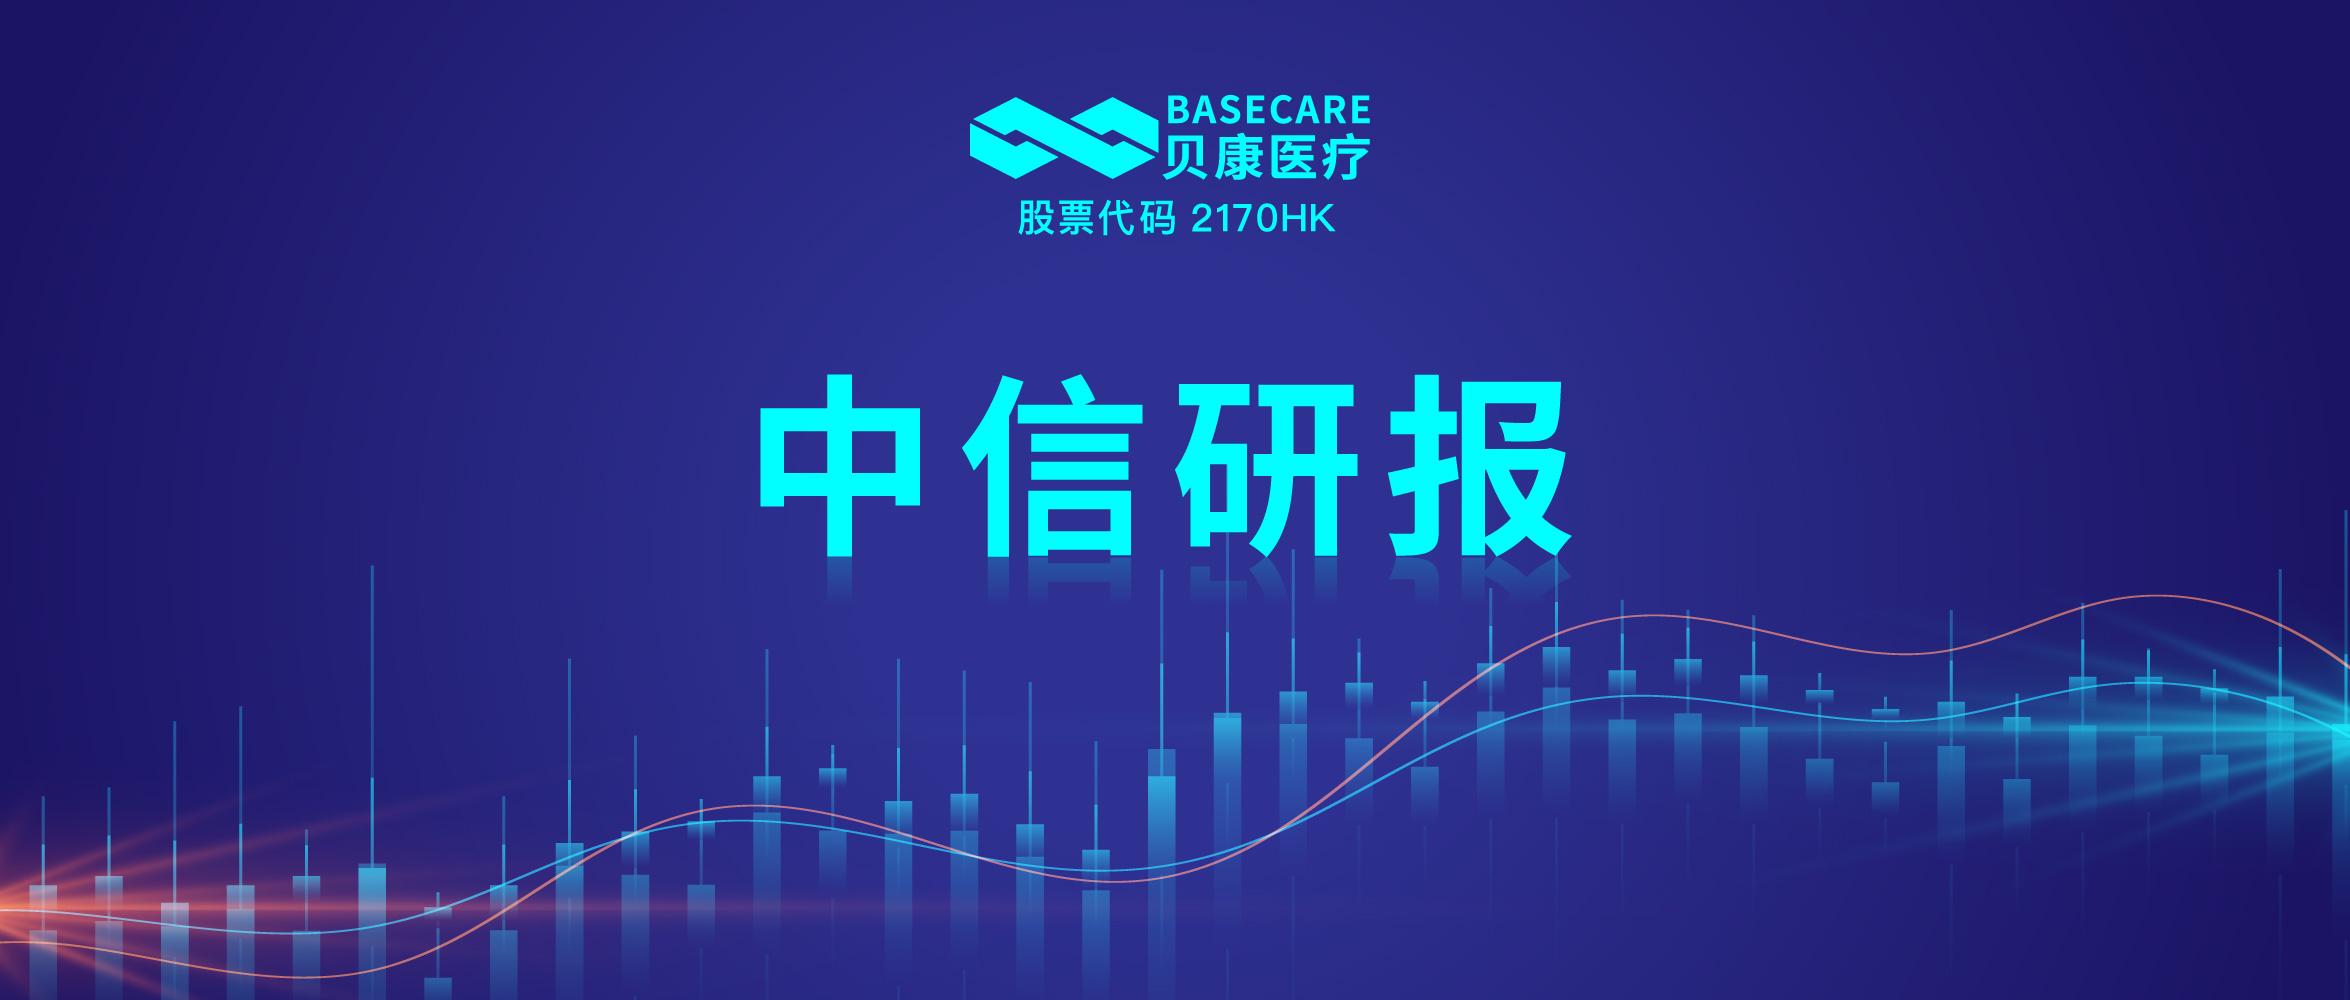 中信证券|贝康医疗-B(02170.HK)投资价值分析报告